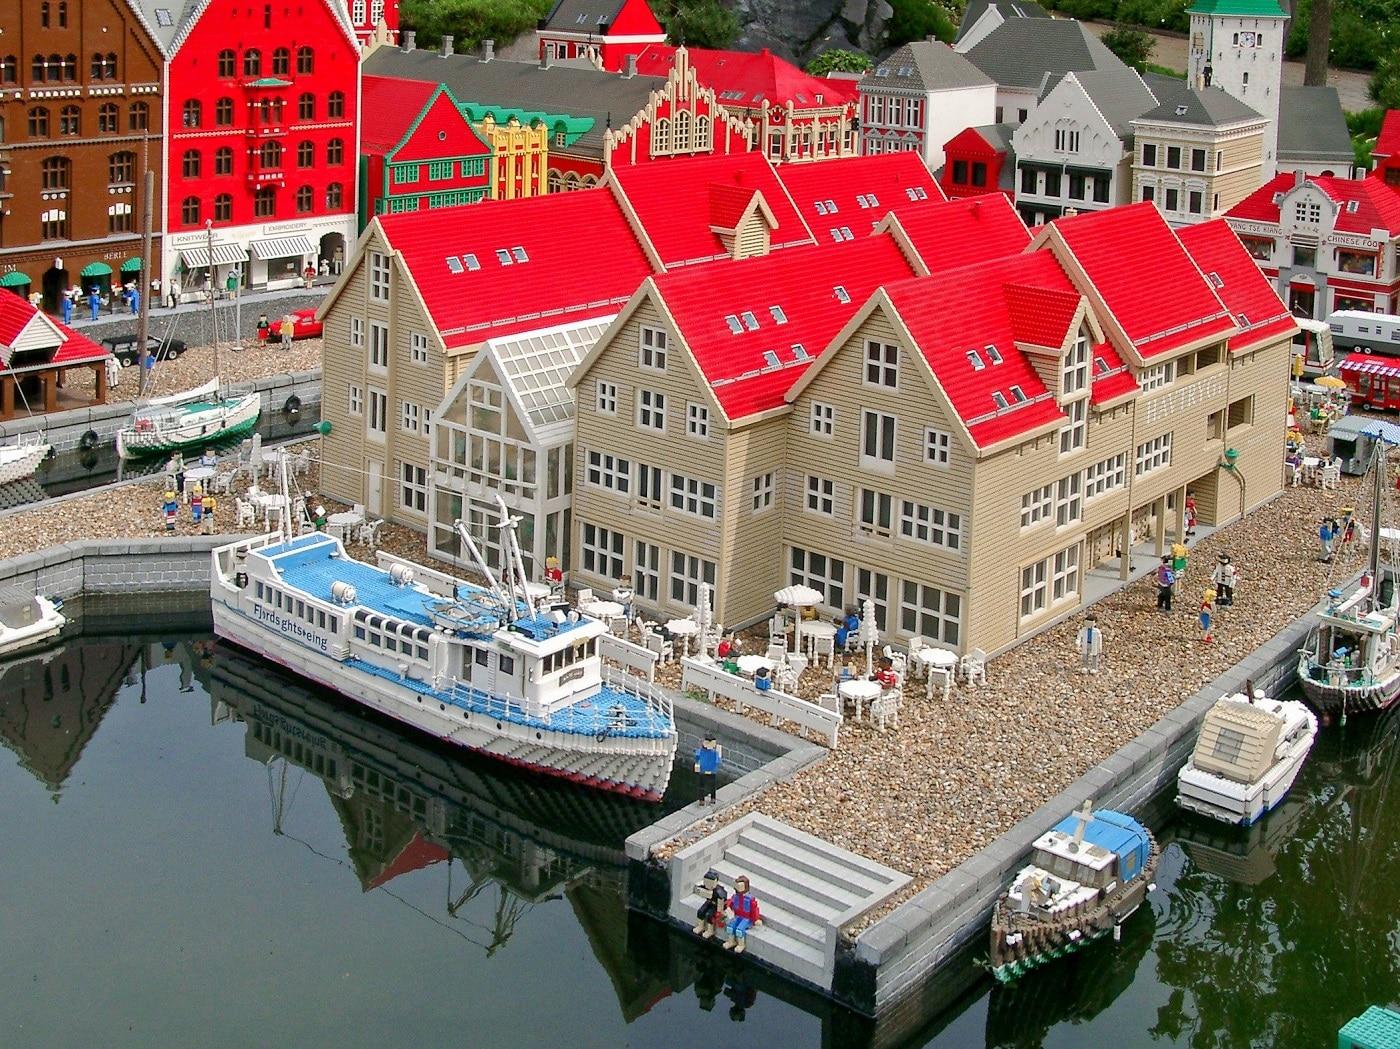 Este incredibil ce s-a putut construit din celebrele piese LEGO